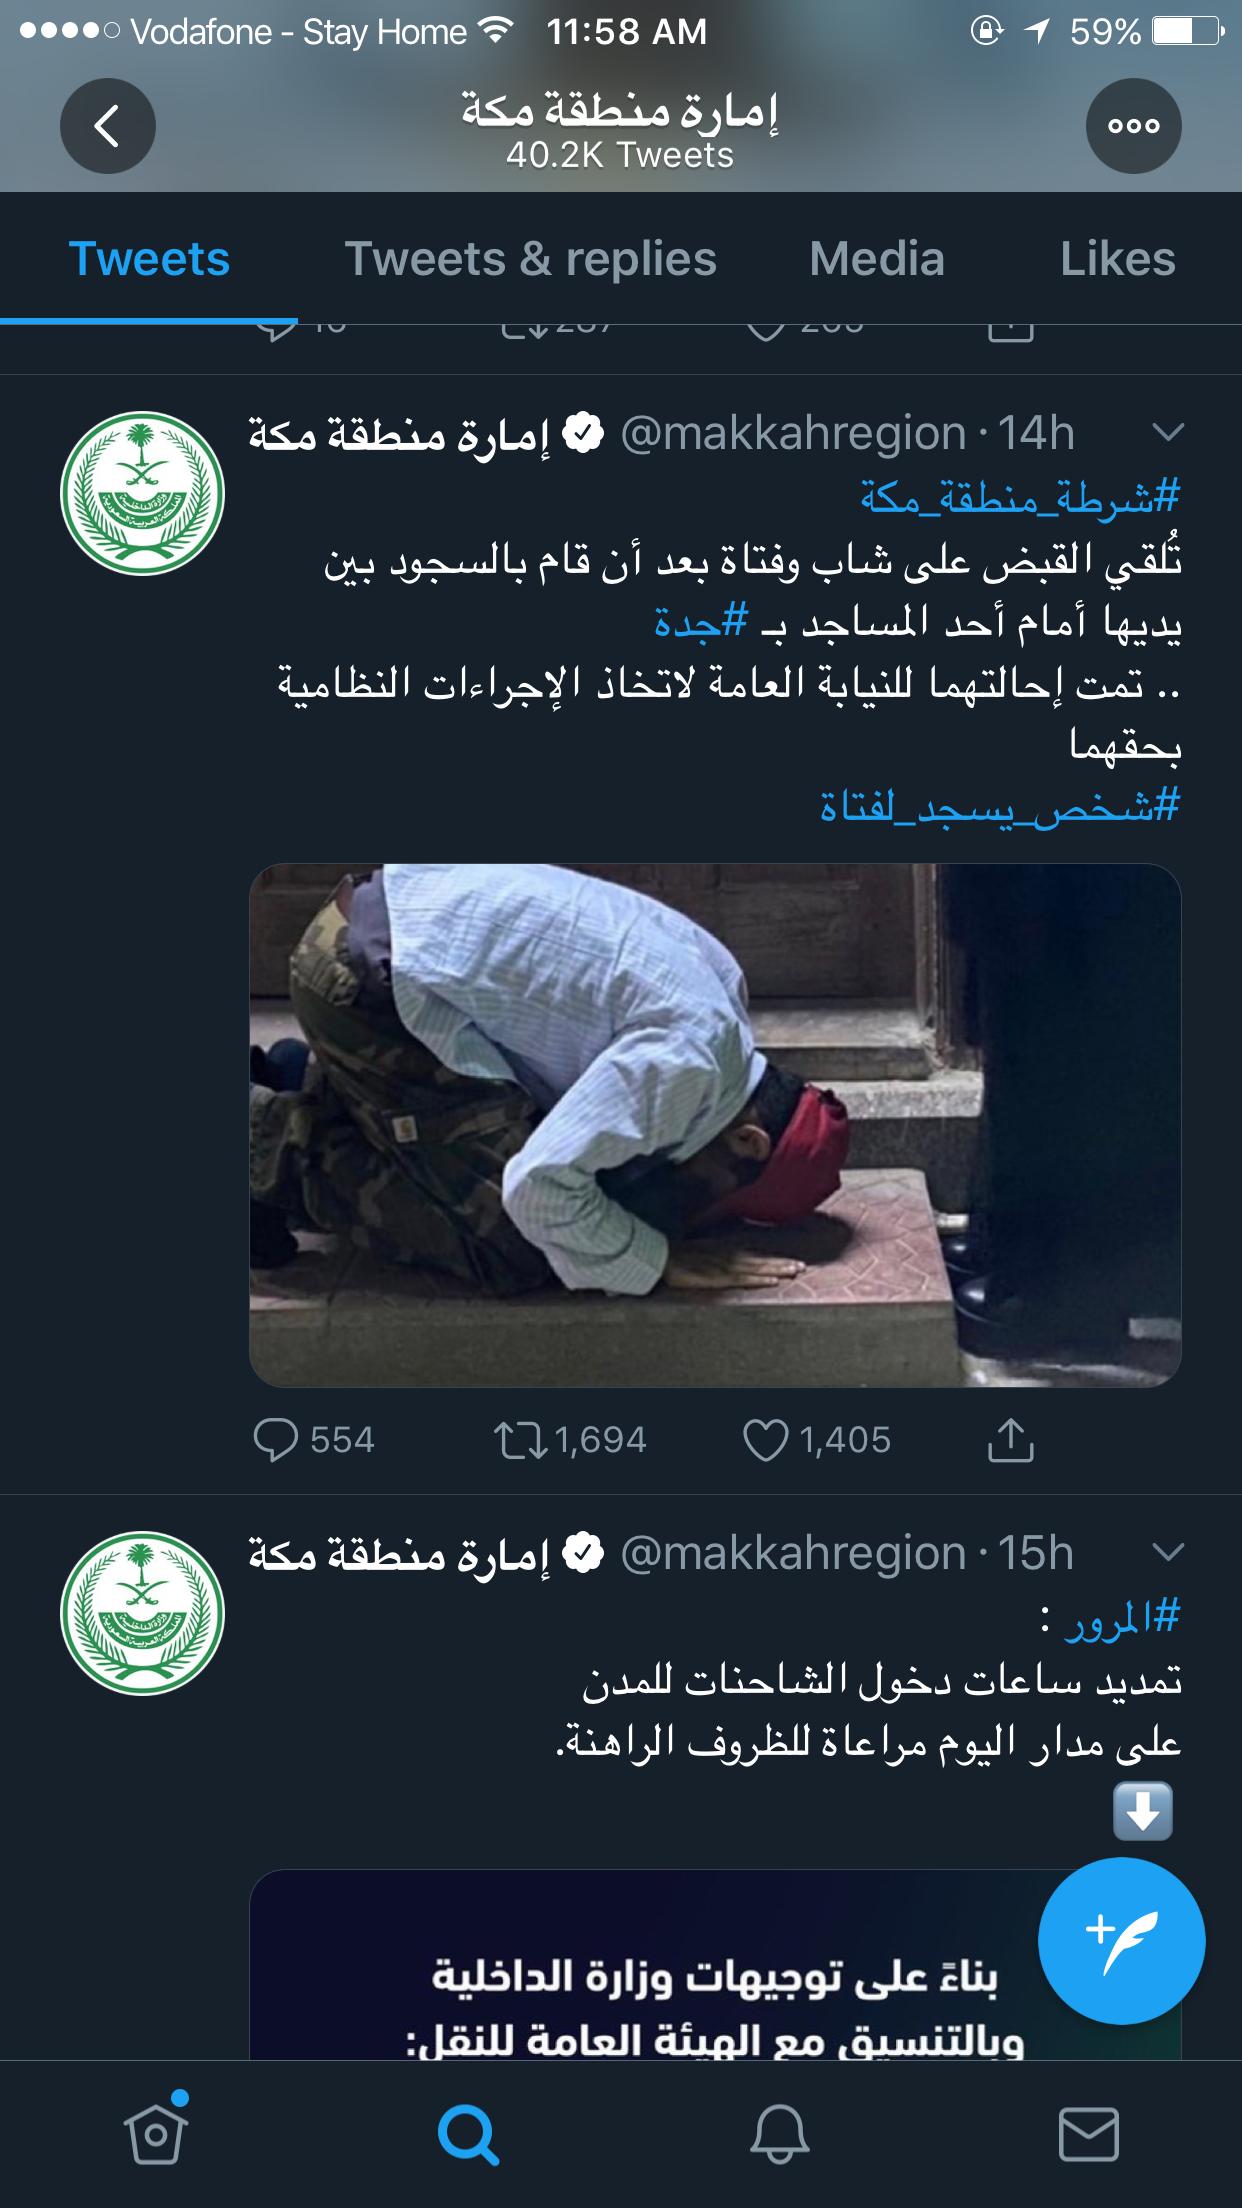 شاب سعودي يسجد لفتاة أمام مسجد بالسعودية وأول إجراء قانون من إمارة مكة ضدهم 1